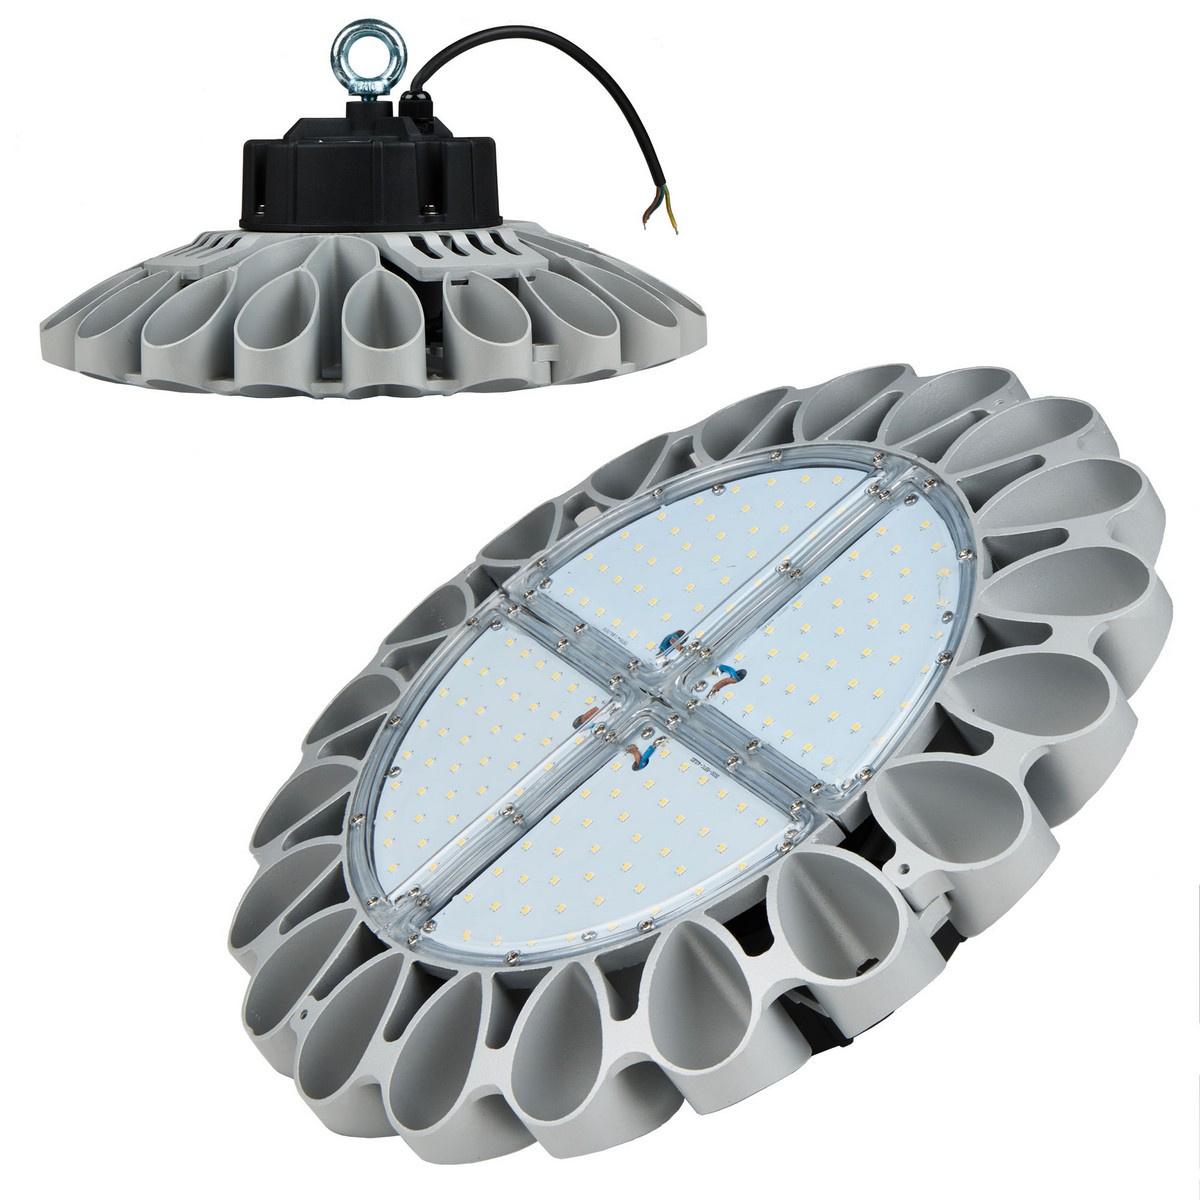 Подвесной светодиодный светильник (UL-00001709) Uniel ULY-U30B-240W/NW IP65 Silver подвесной светодиодный светильник ul 00002057 uniel uly u30b 100w dw ip65 silver